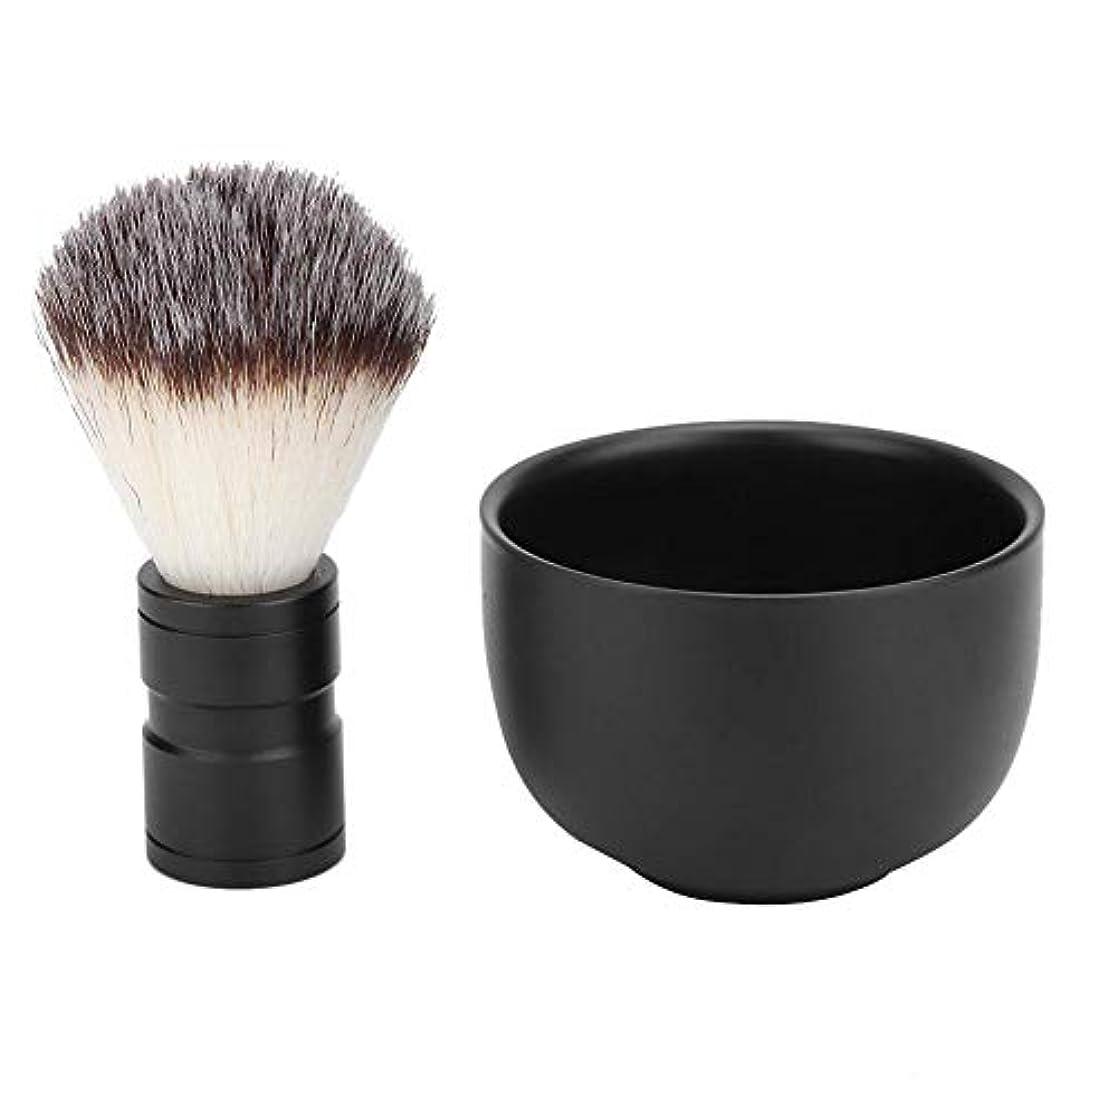 鉱石何もないアイロニーシェービングソープボウルブラシ、柔らかい毛ブラシひげクリーニングツールキット(#1)